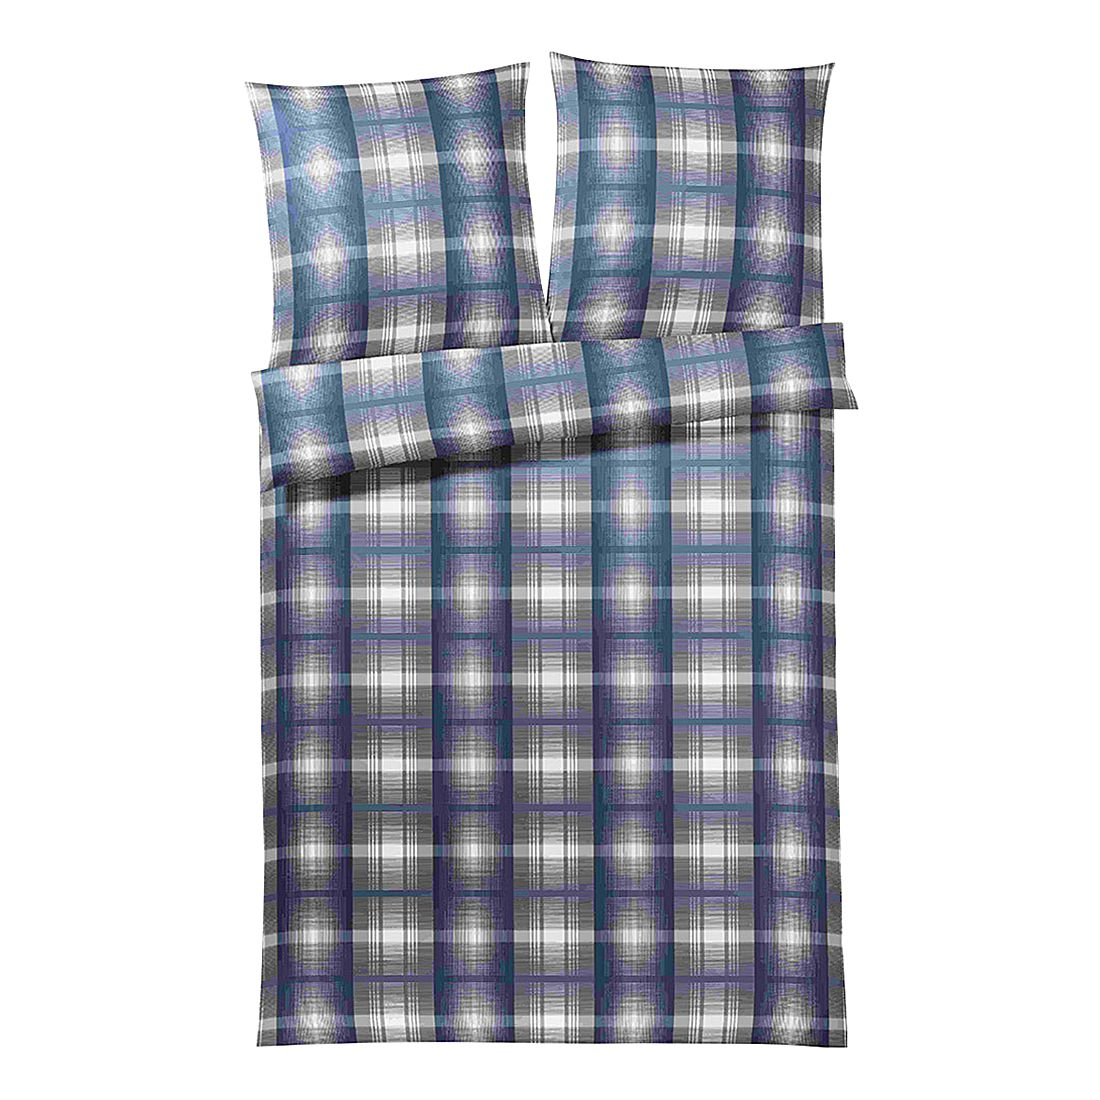 ohrensessel ikea blau. Black Bedroom Furniture Sets. Home Design Ideas